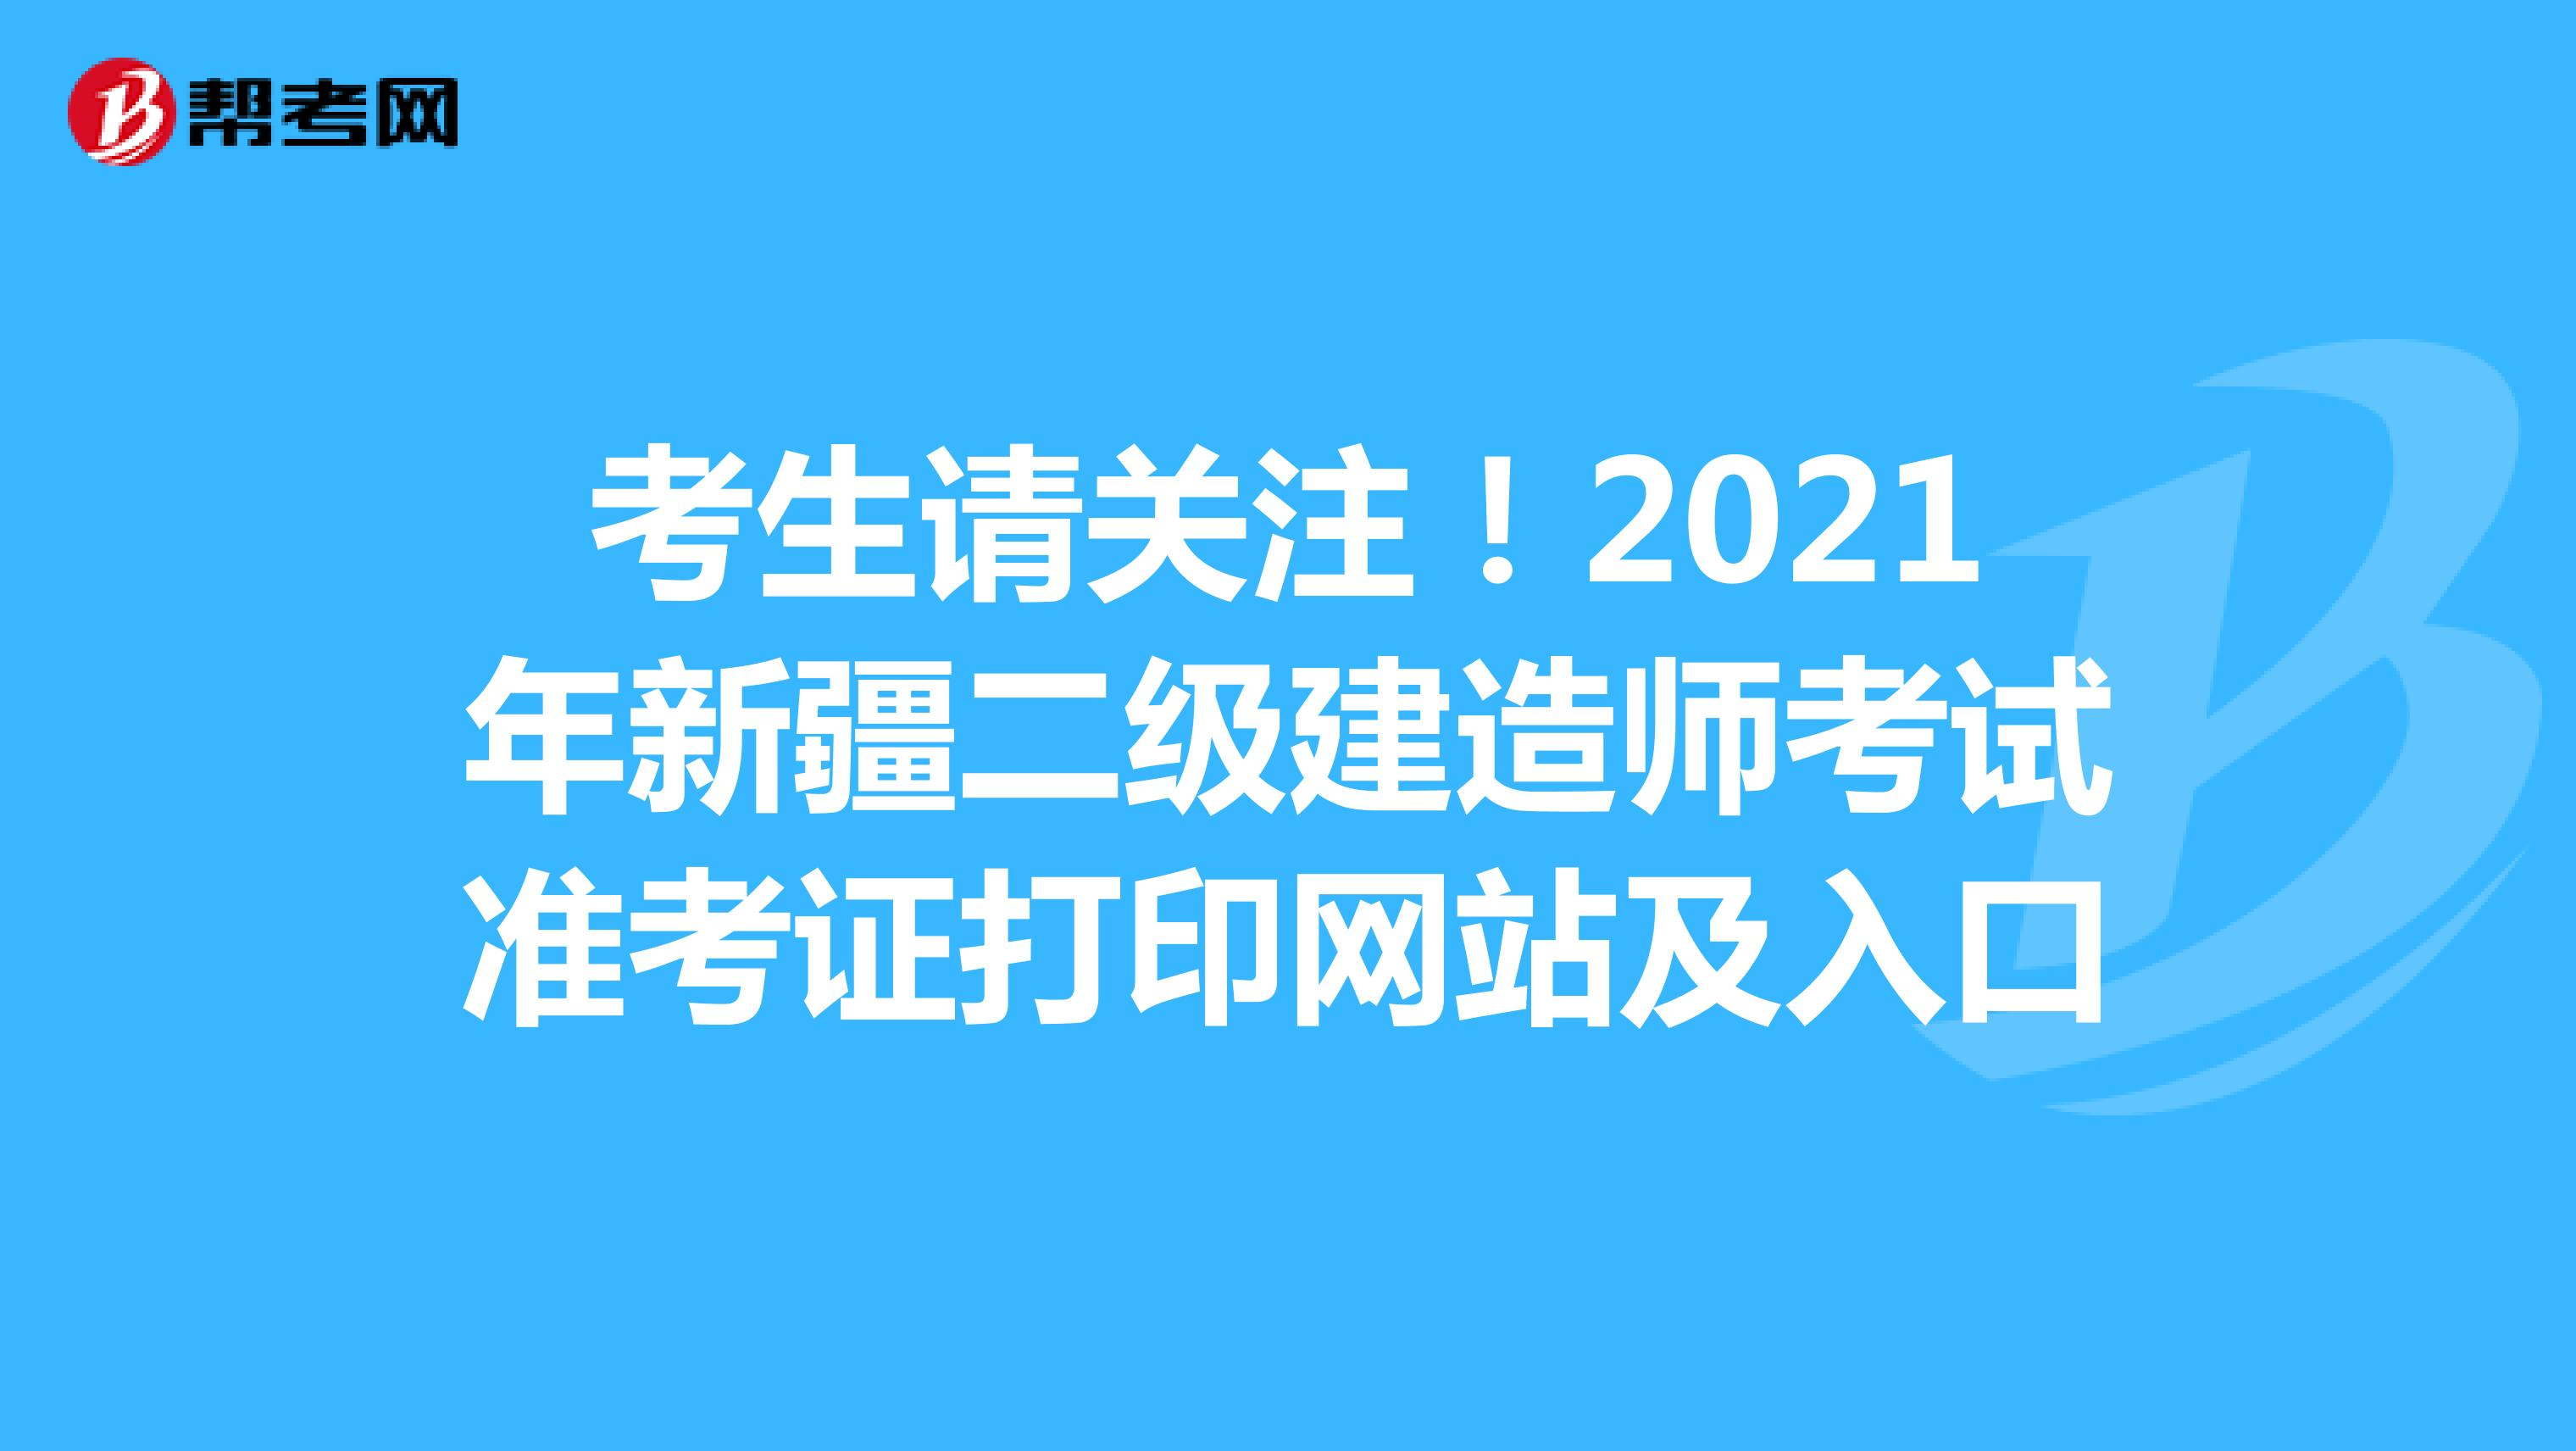 考生请关注!2021年新疆二级建造师考试准考证打印网站及入口